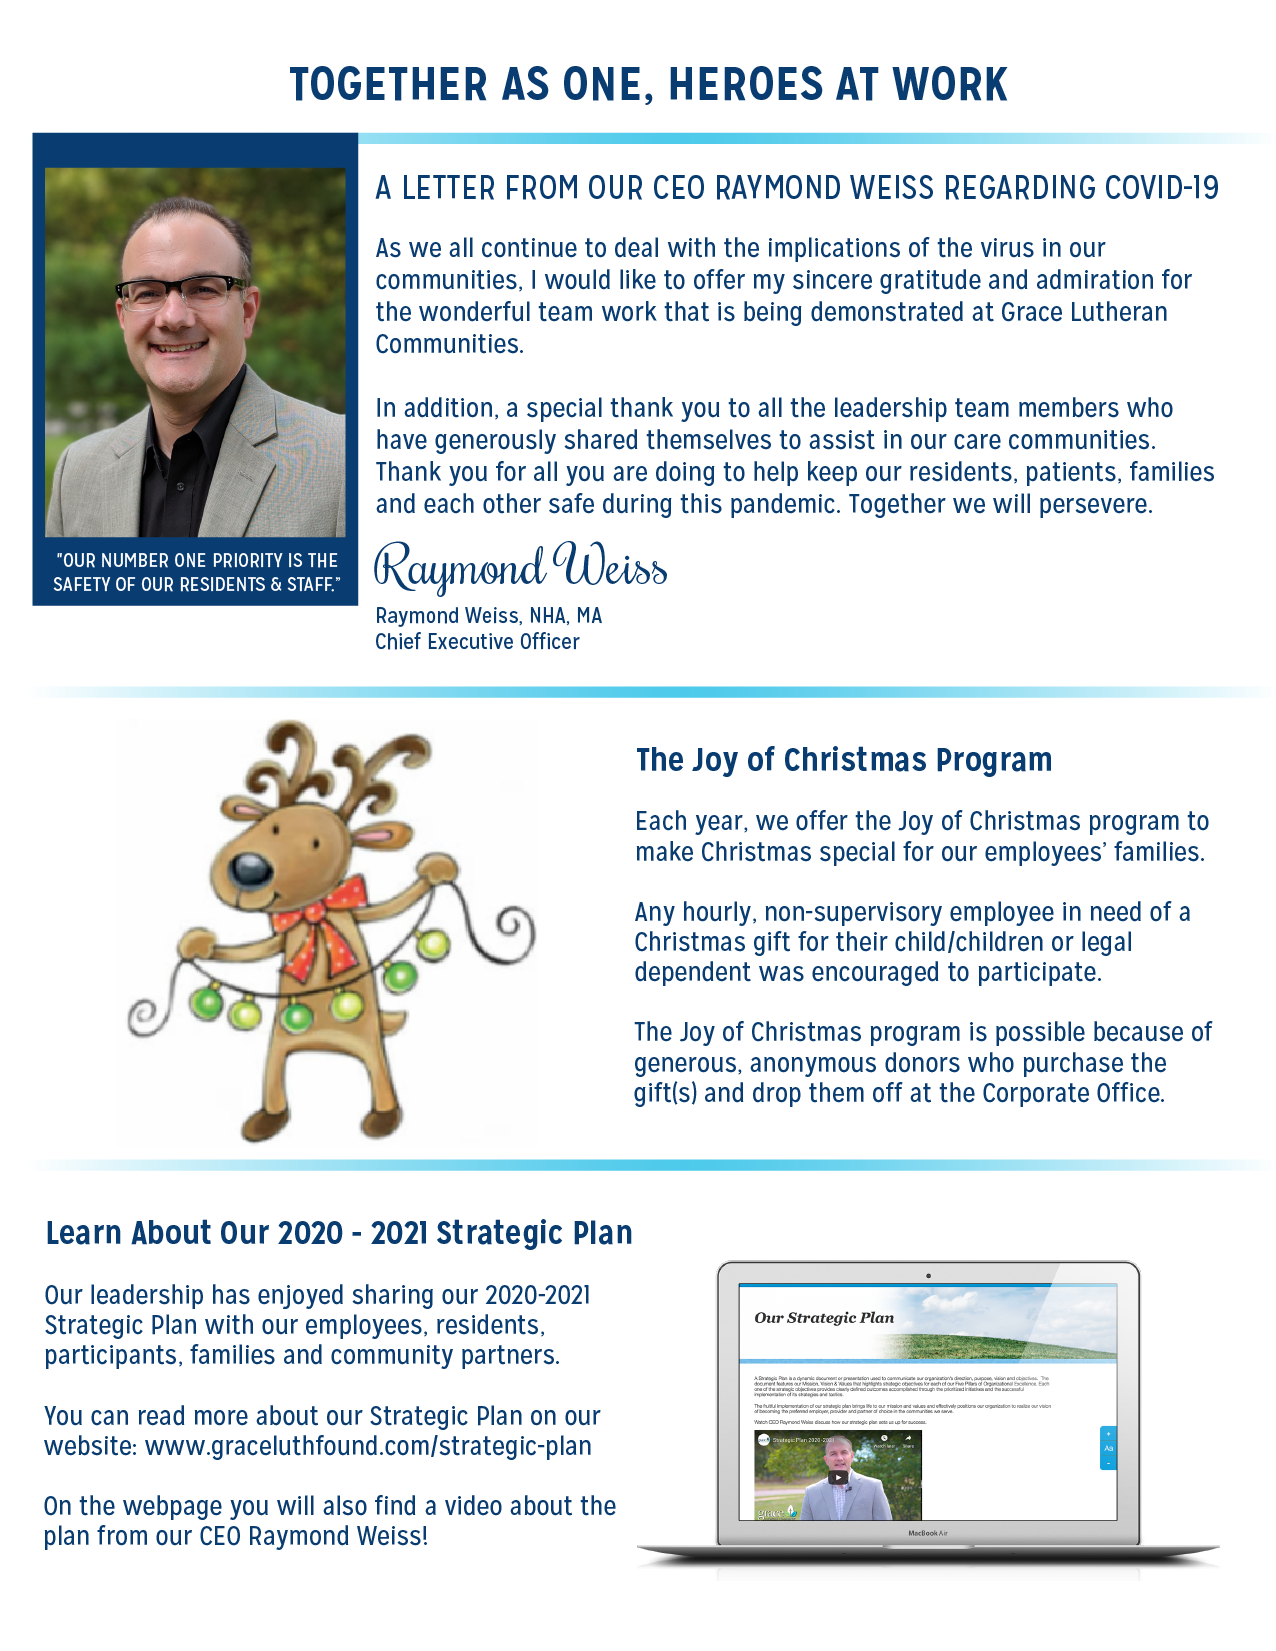 GLC_DigitalNewsletter_Nov2020-02